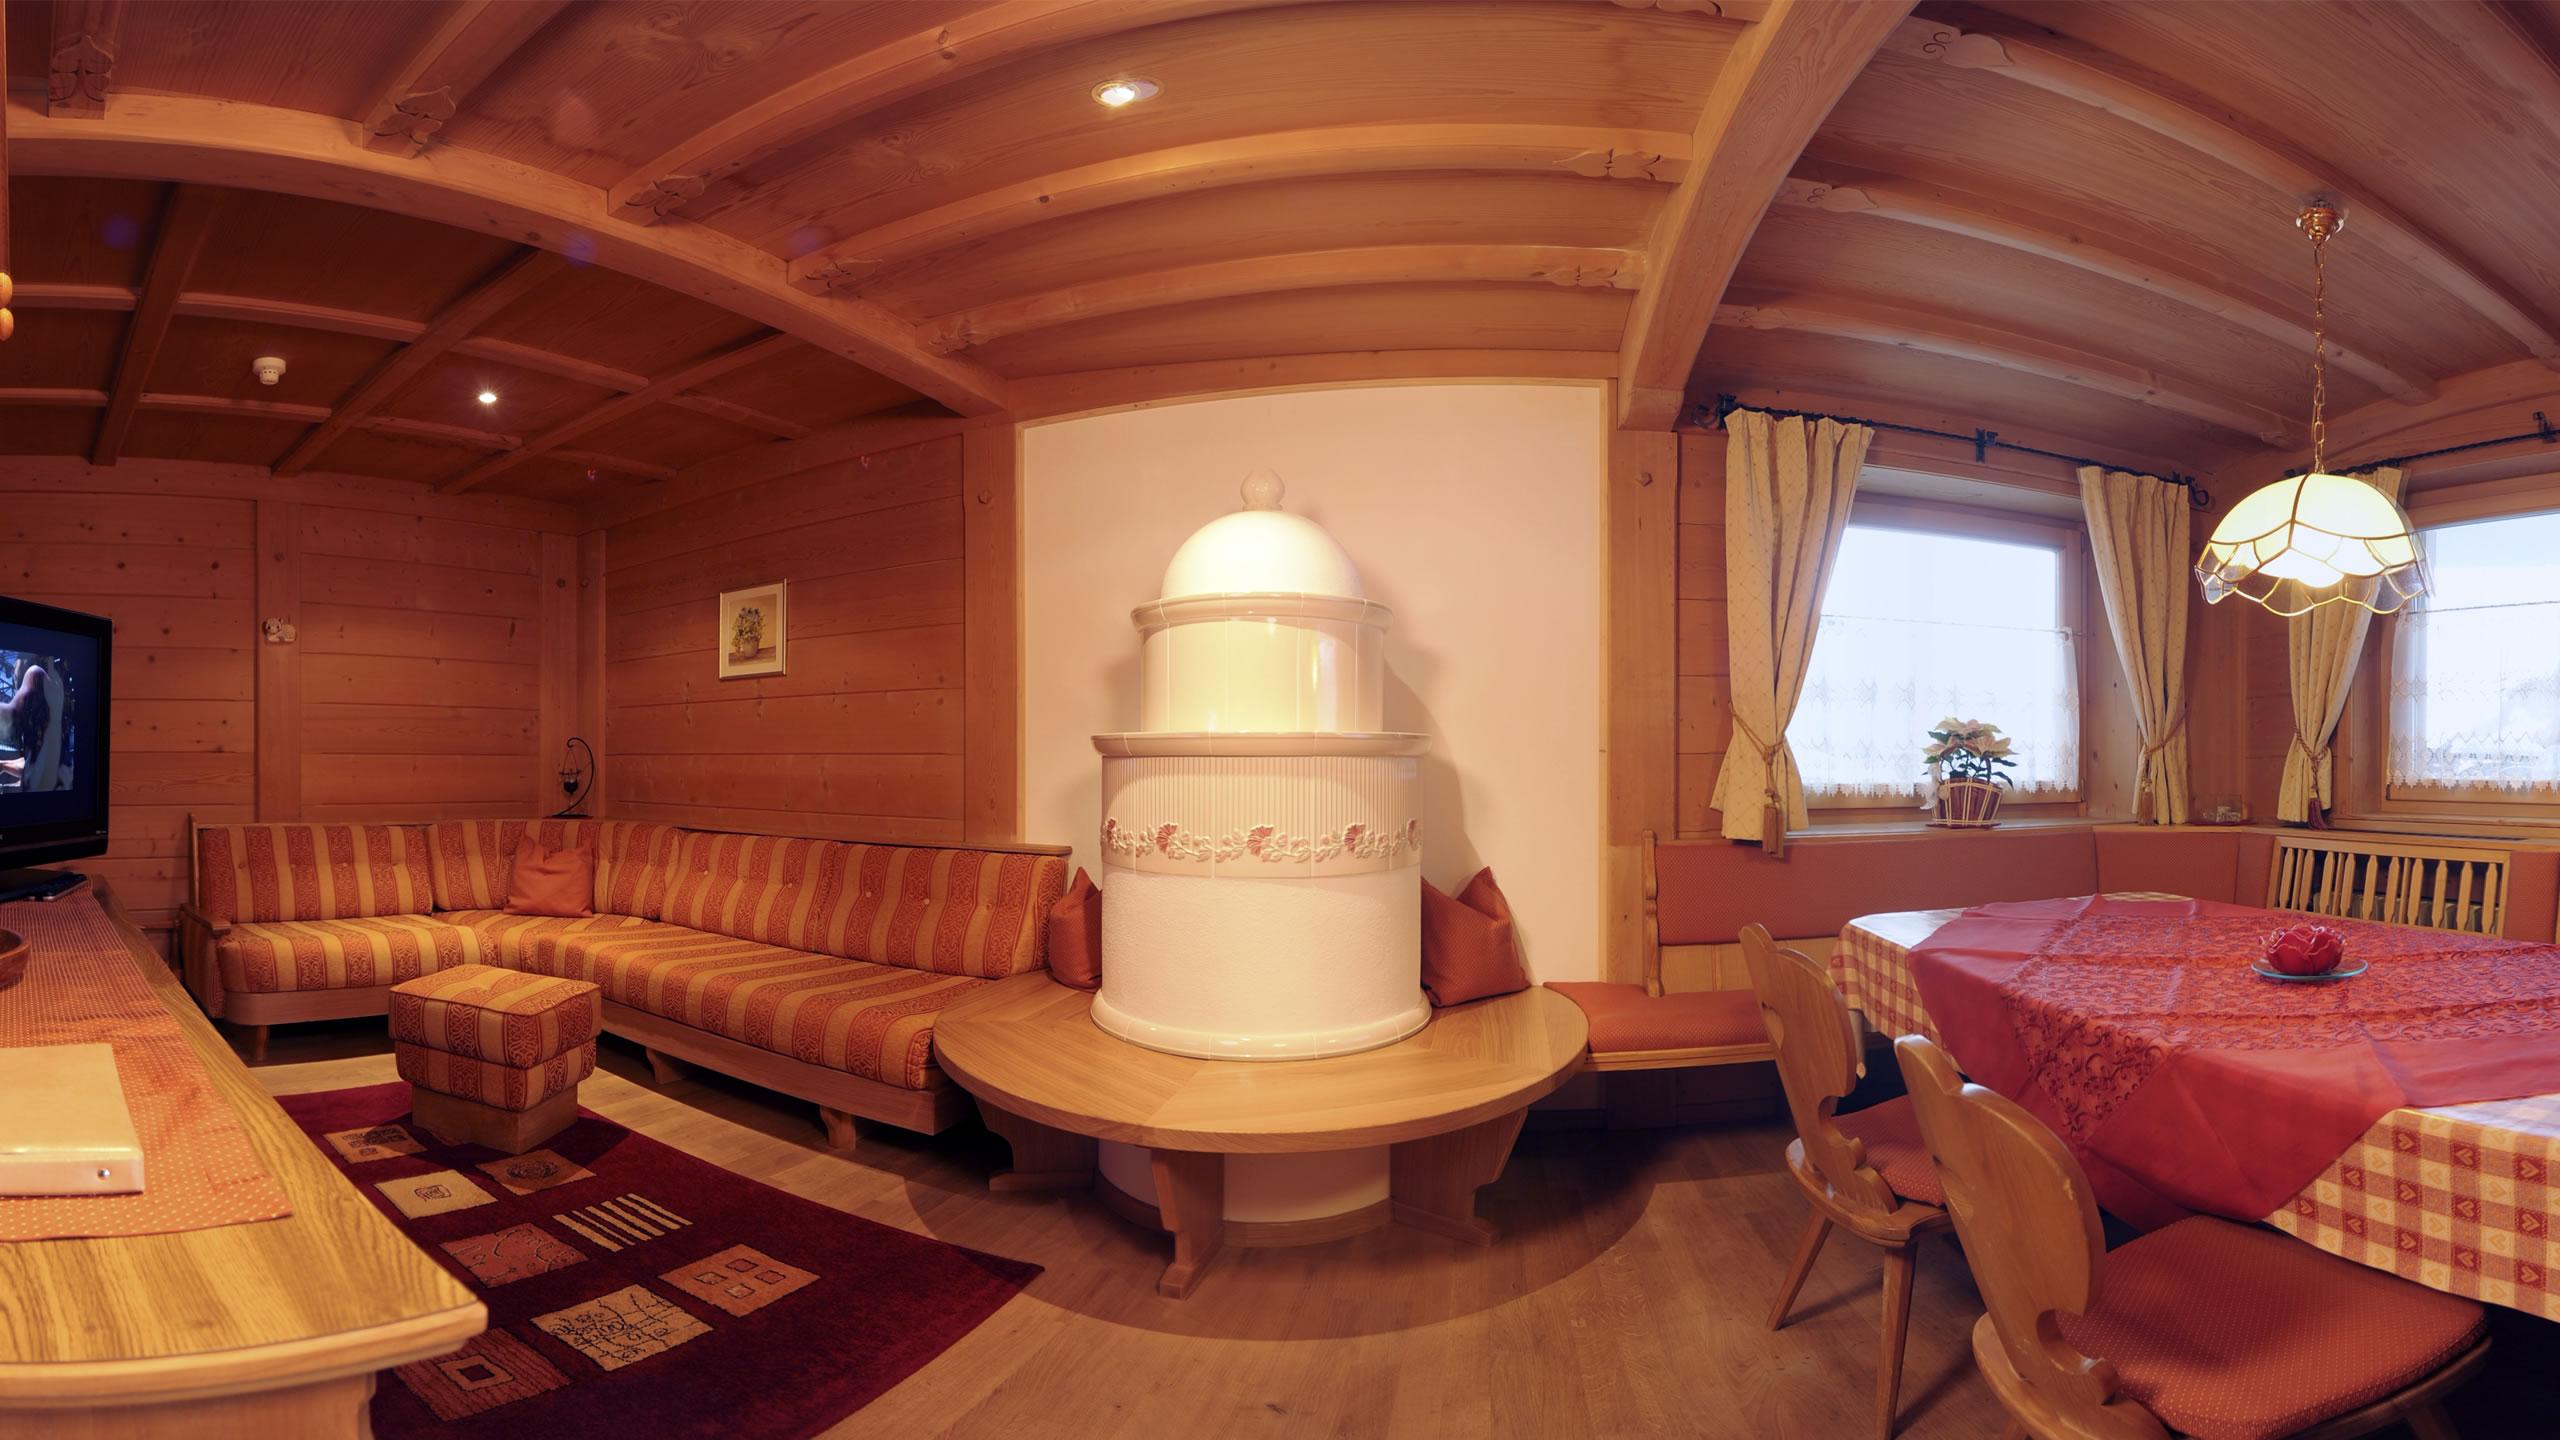 Appartamento sella ammobiliato in stile tirolese si for Aggiunta stanza indipendente